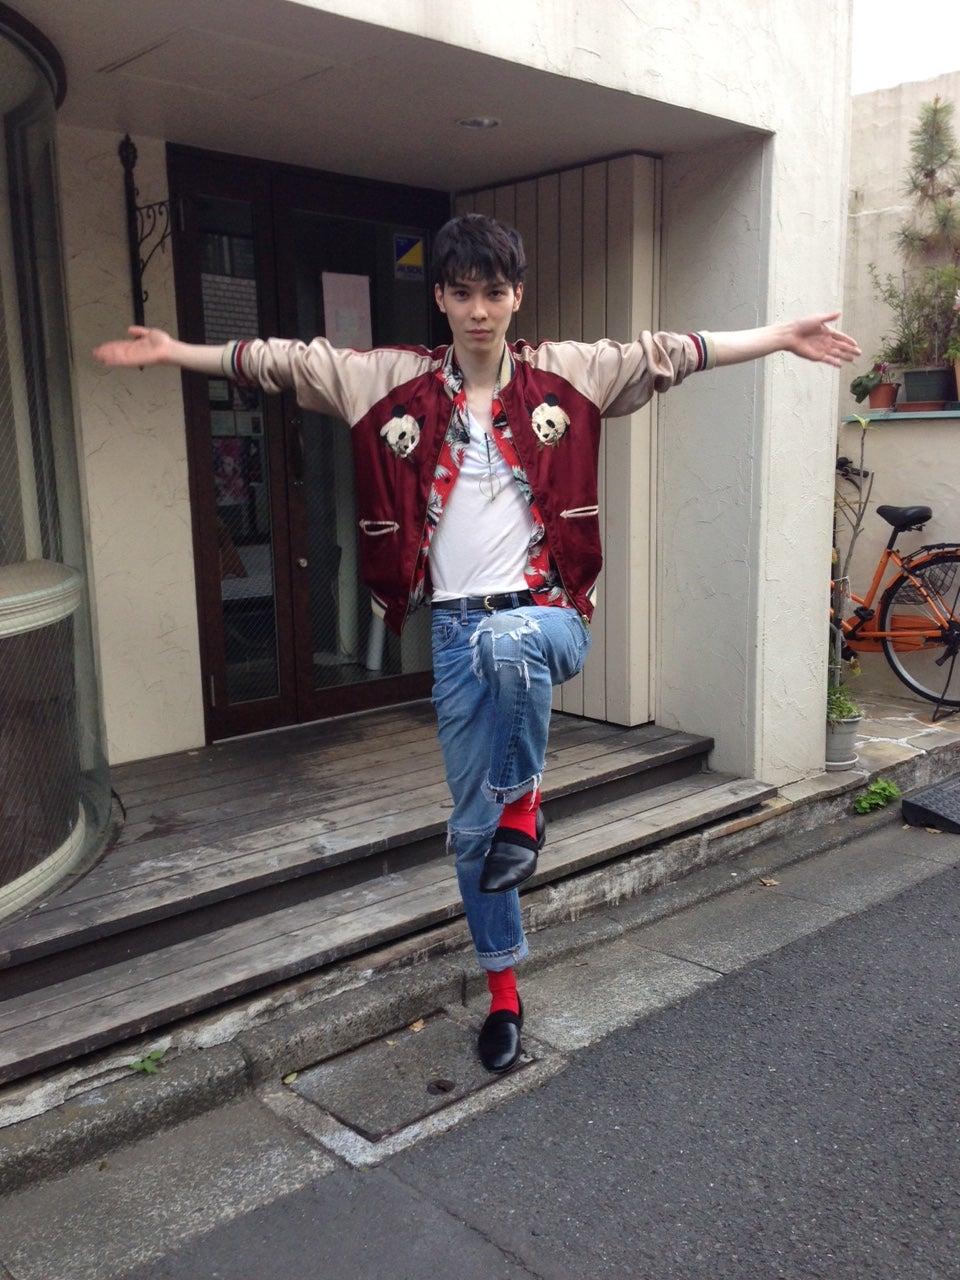 日曜は横浜の赤レンガ倉庫で念願の藤井フミヤさんのライブです。フェスでちょっぴり日焼けして、健康的な肌になれたらいーなーと思っております。ハイブランドと合わせているパンダのスカジャンは、どういうブランドなのかまったく知りません(笑)。こういう出会いがあるから洋服好きはやめられない!